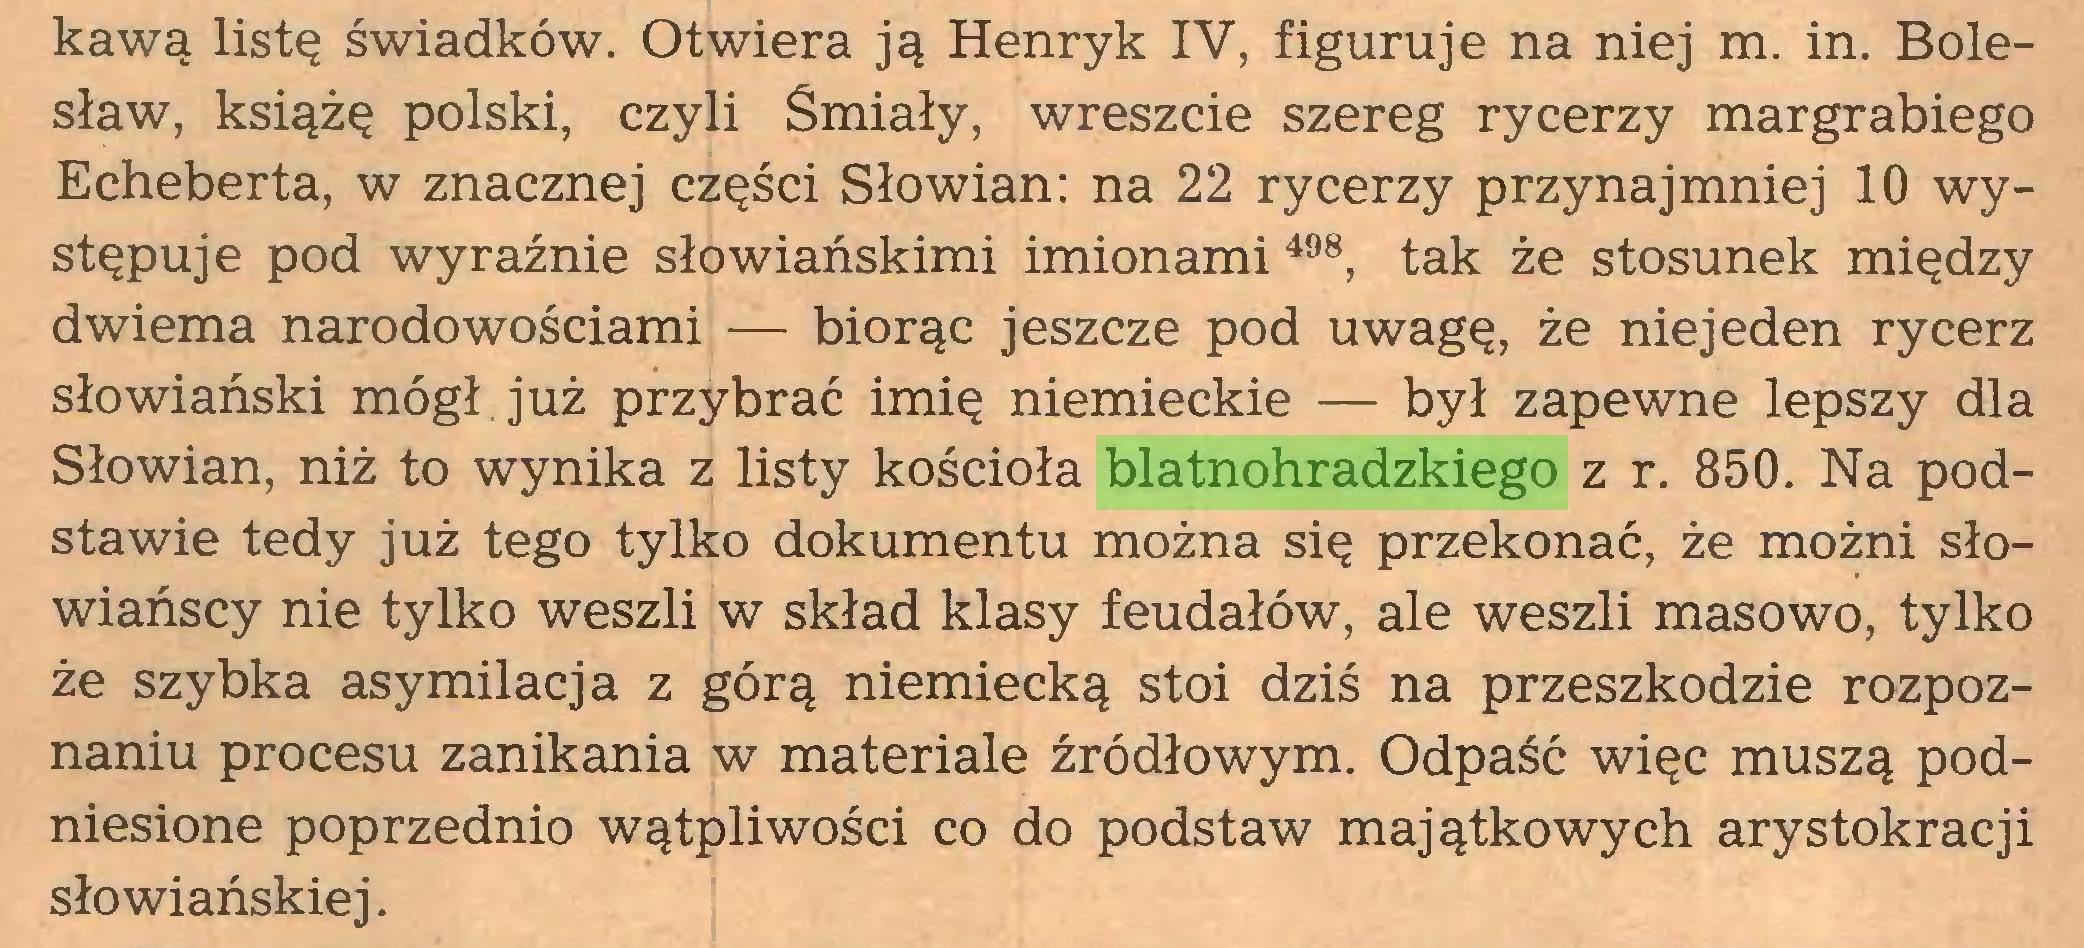 (...) kawą listę świadków. Otwiera ją Henryk IV, figuruje na niej m. in. Bolesław, książę polski, czyli Śmiały, wreszcie szereg rycerzy margrabiego Echeberta, w znacznej części Słowian: na 22 rycerzy przynajmniej 10 występuje pod wyraźnie słowiańskimi imionami 498, tak że stosunek między dwiema narodowościami — biorąc jeszcze pod uwagę, że niejeden rycerz słowiański mógł. już przybrać imię niemieckie — był zapewne lepszy dla Słowian, niż to wynika z listy kościoła blatnohradzkiego z r. 850. Na podstawie tedy już tego tylko dokumentu można się przekonać, że możni słowiańscy nie tylko weszli w skład klasy feudałów, ale weszli masowo, tylko że szybka asymilacja z górą niemiecką stoi dziś na przeszkodzie rozpoznaniu procesu zanikania w materiale źródłowym. Odpaść więc muszą podniesione poprzednio wątpliwości co do podstaw majątkowych arystokracji słowiańskiej...